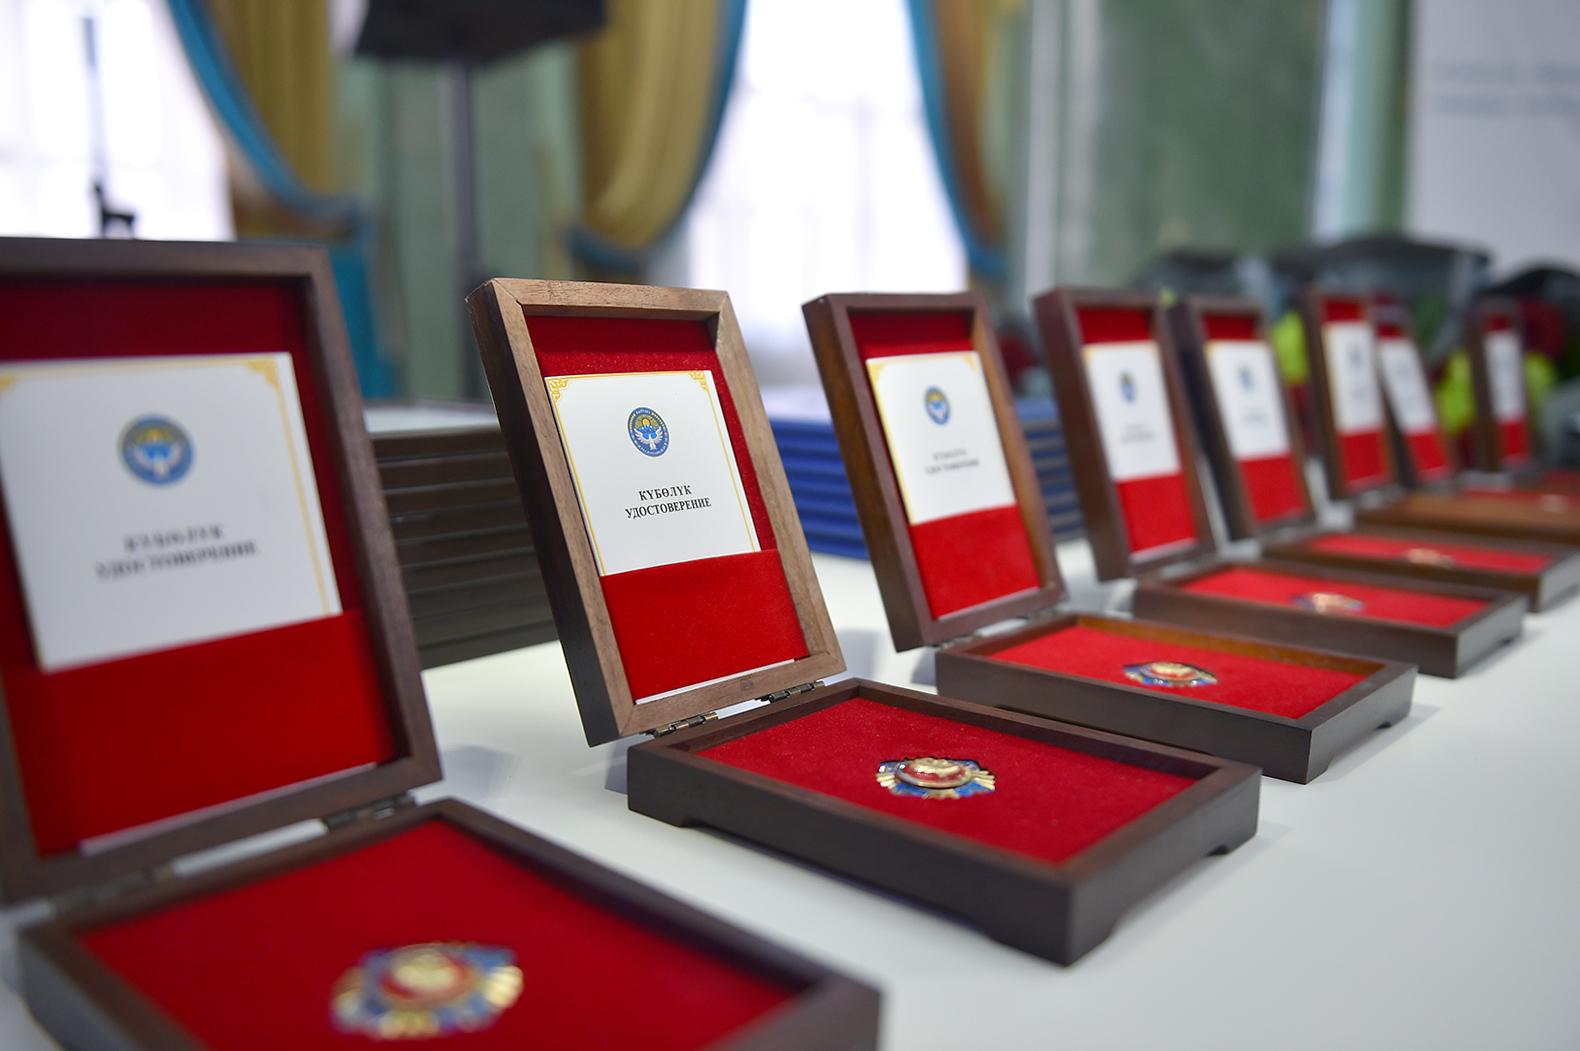 Мыкты жаштарга Айтматов атындагы мамлекеттик сыйлык тапшырылды — тизме, сүрөт